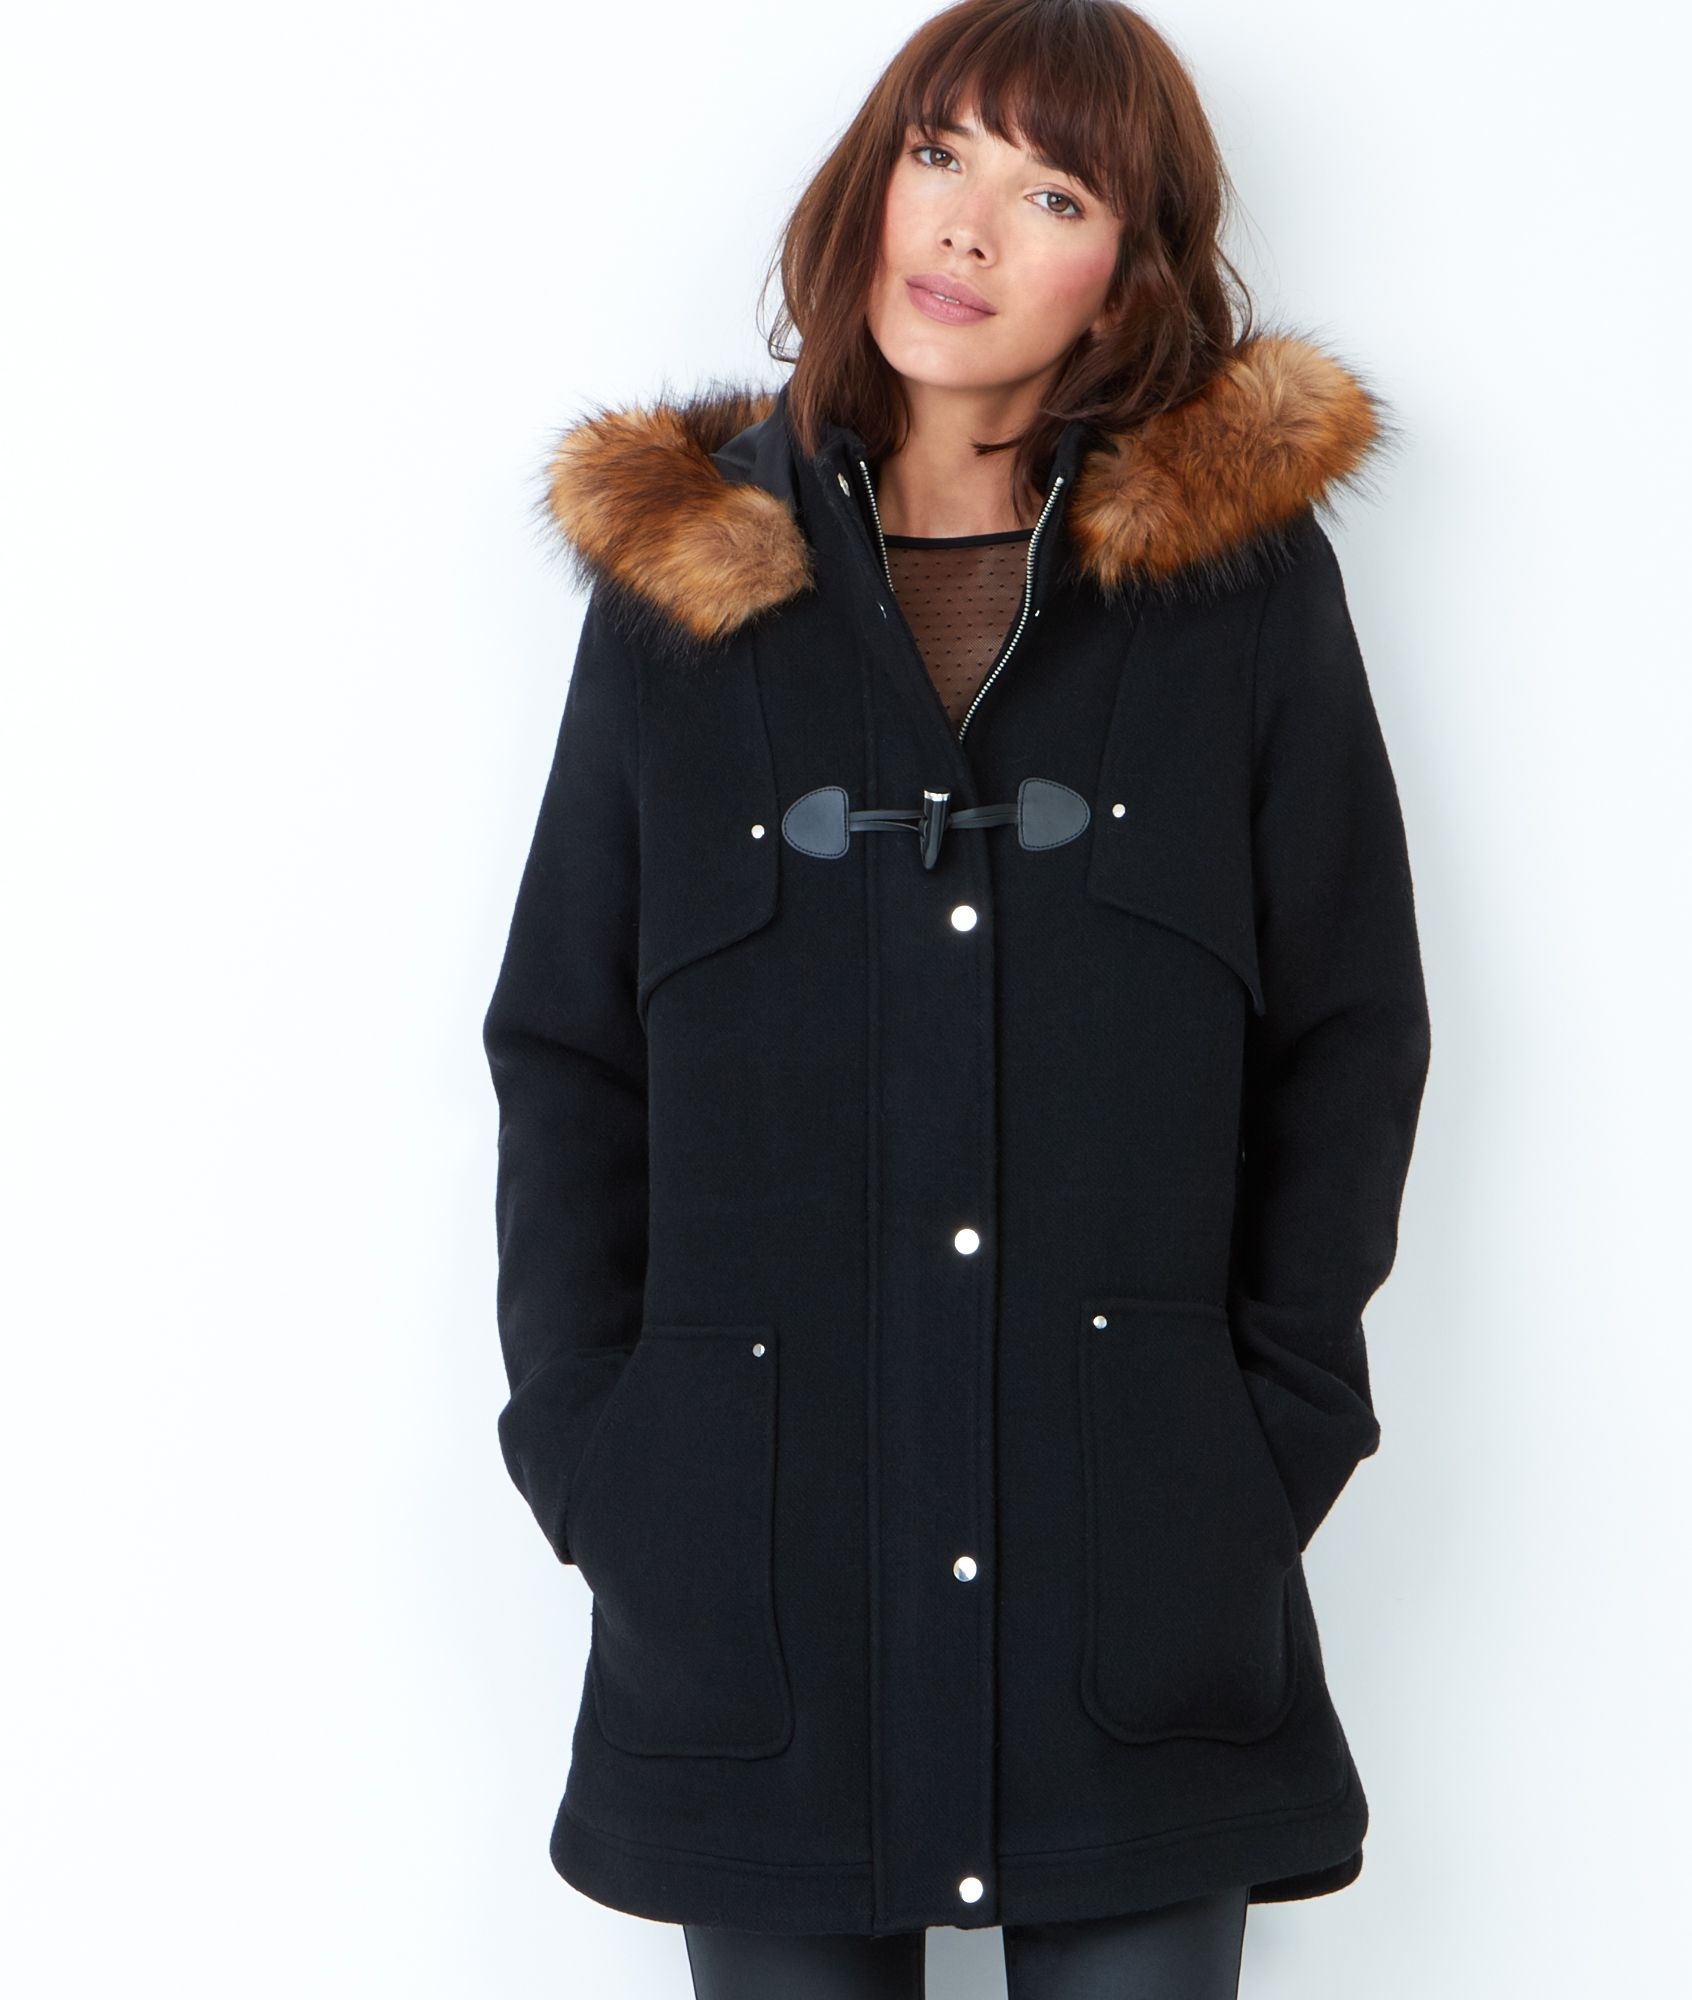 Extrêmement Manteau en laine, duffle coat par Etam. À retrouver dans les  QX52